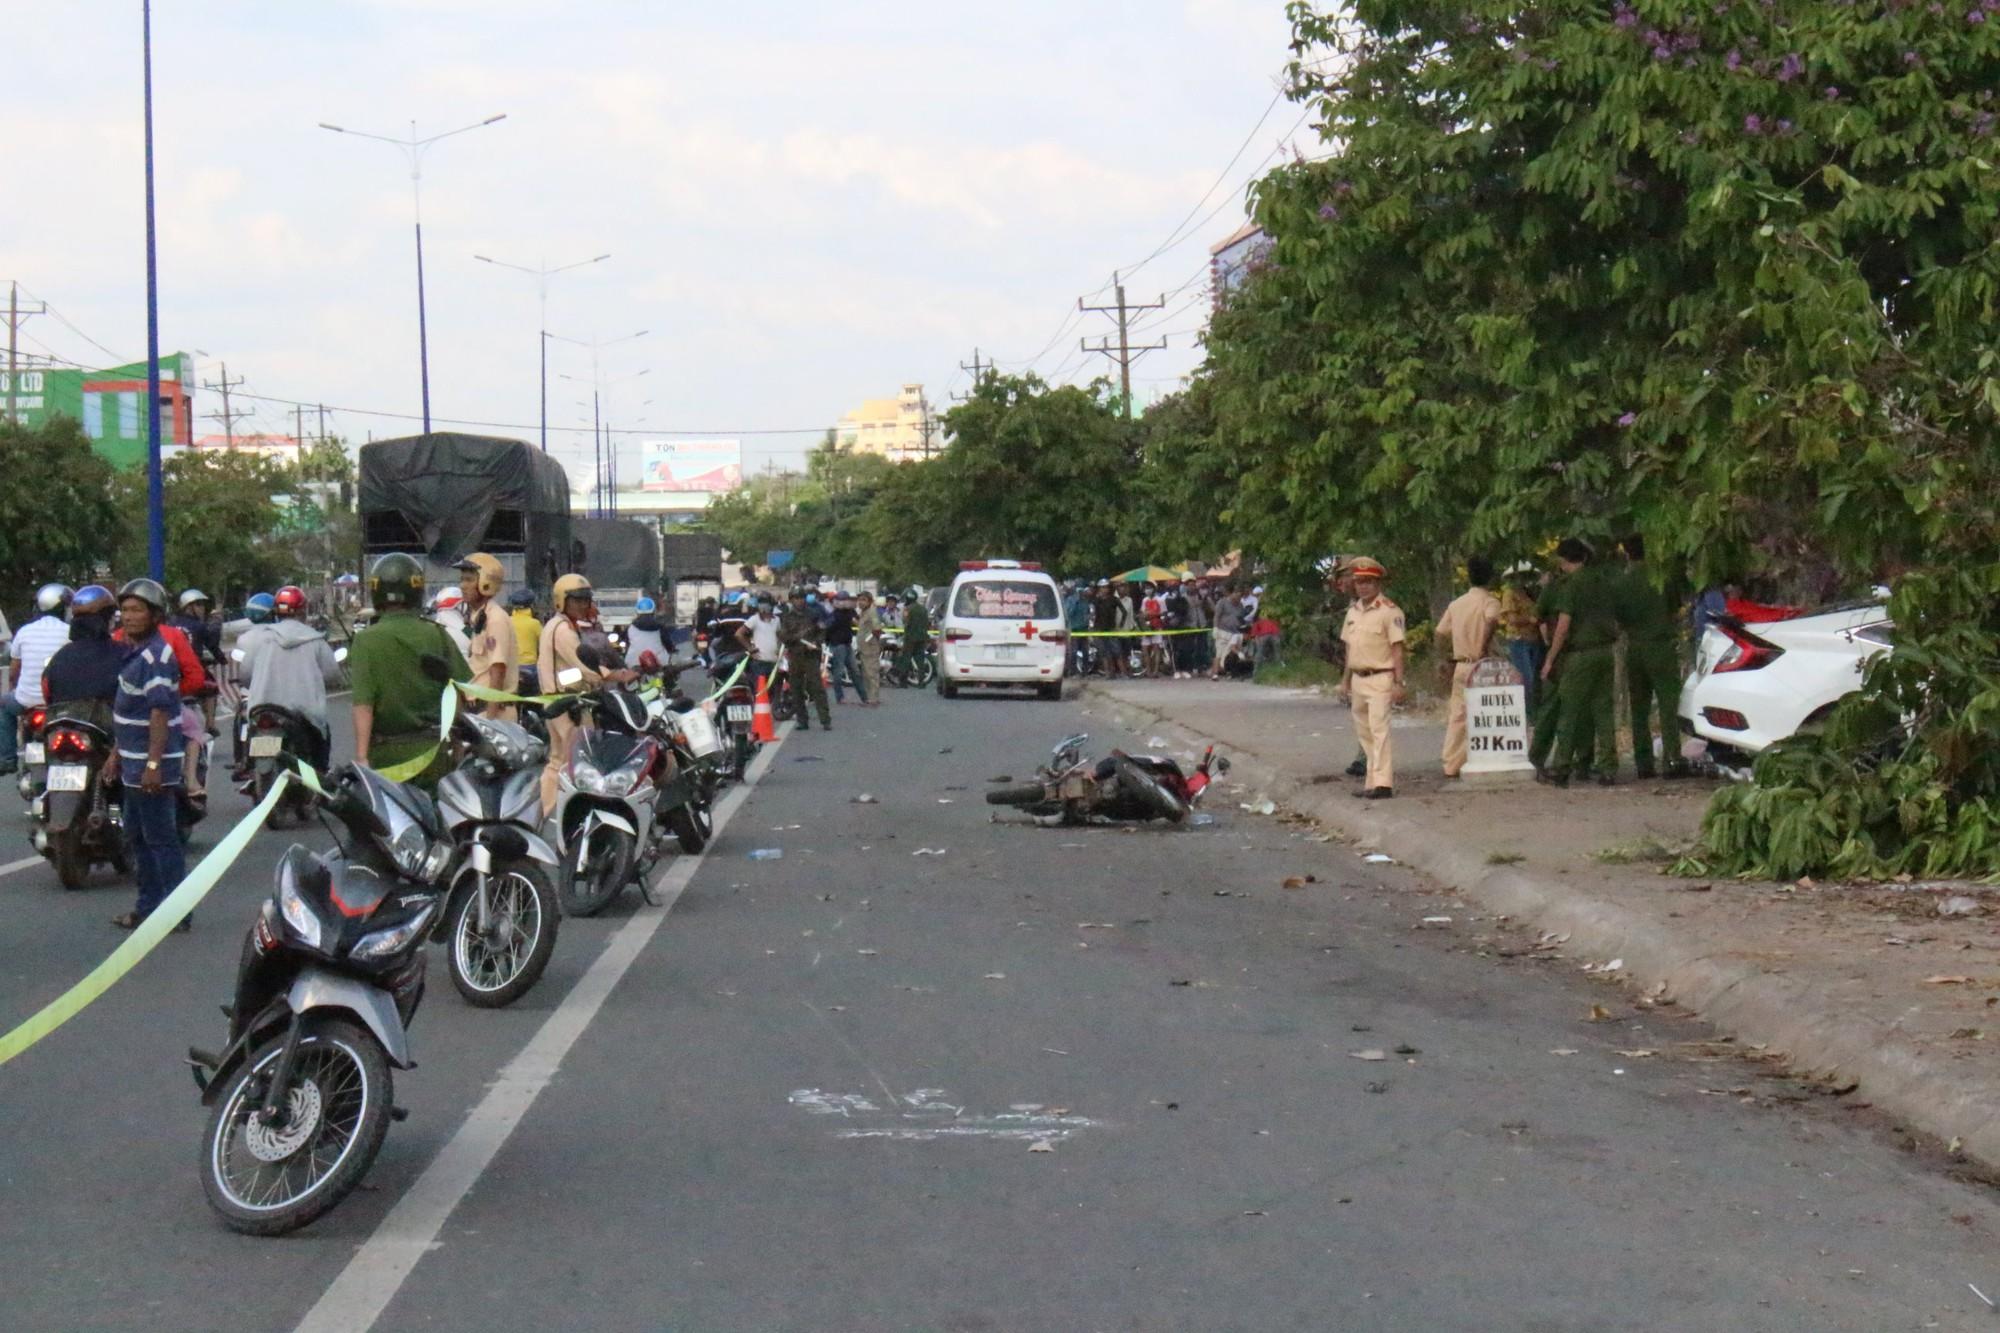 Bình Dương: Nghi vấn hai ô tô đua tốc độ gây tai nạn liên hoàn, người đàn ông bán dưa bên đường bị tông tử vong - Ảnh 3.